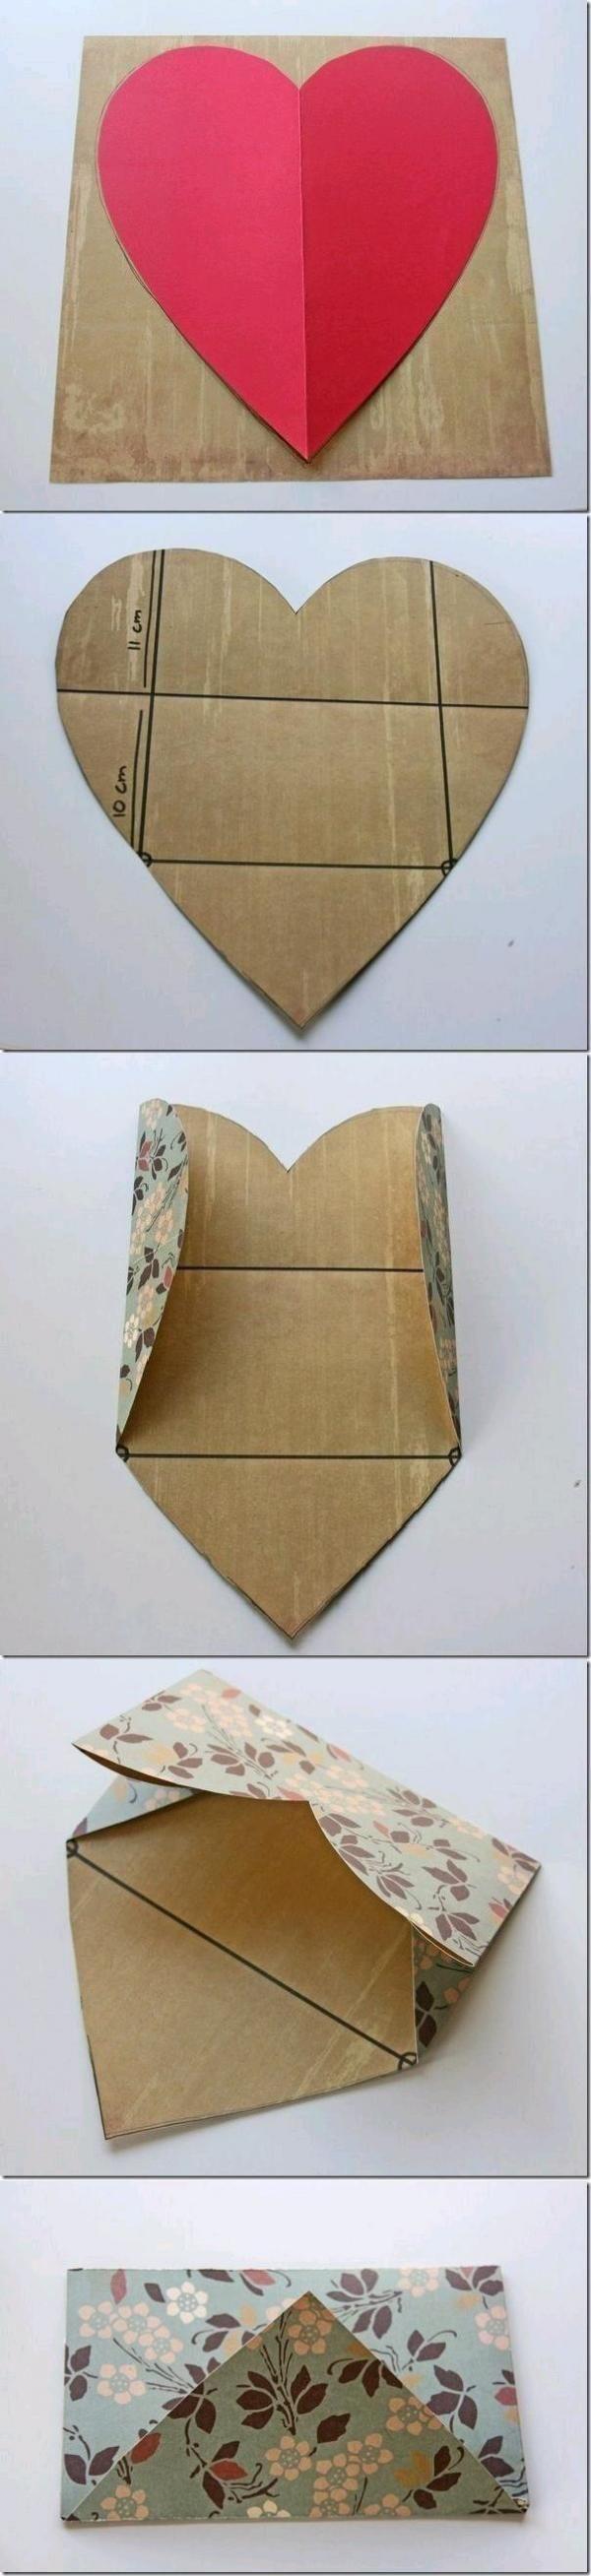 fabriquer une enveloppe partir d 39 un coeur en papier handwerk pinterest coeur d 39 alene and. Black Bedroom Furniture Sets. Home Design Ideas